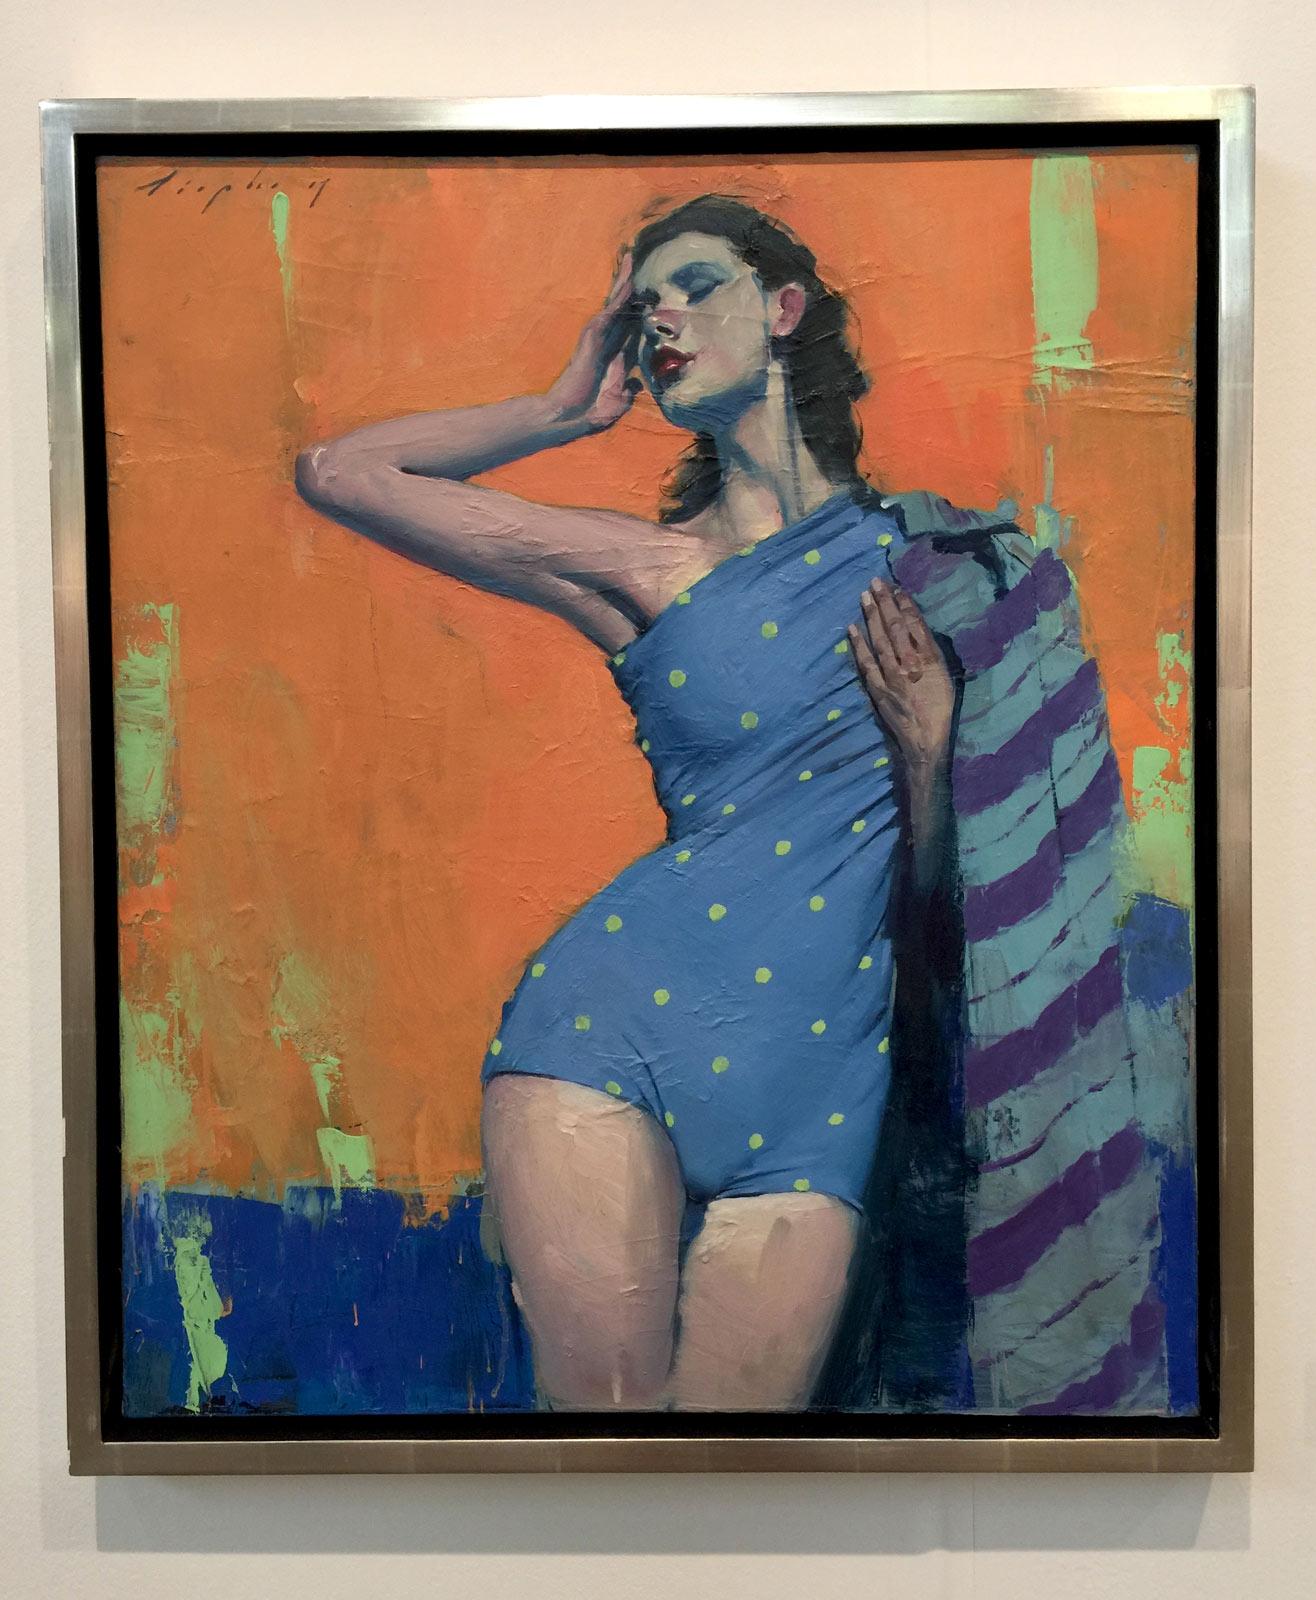 Malcolm-Liepke-American-Girl-oil-canvas-Nikola-Rukaj.jpg